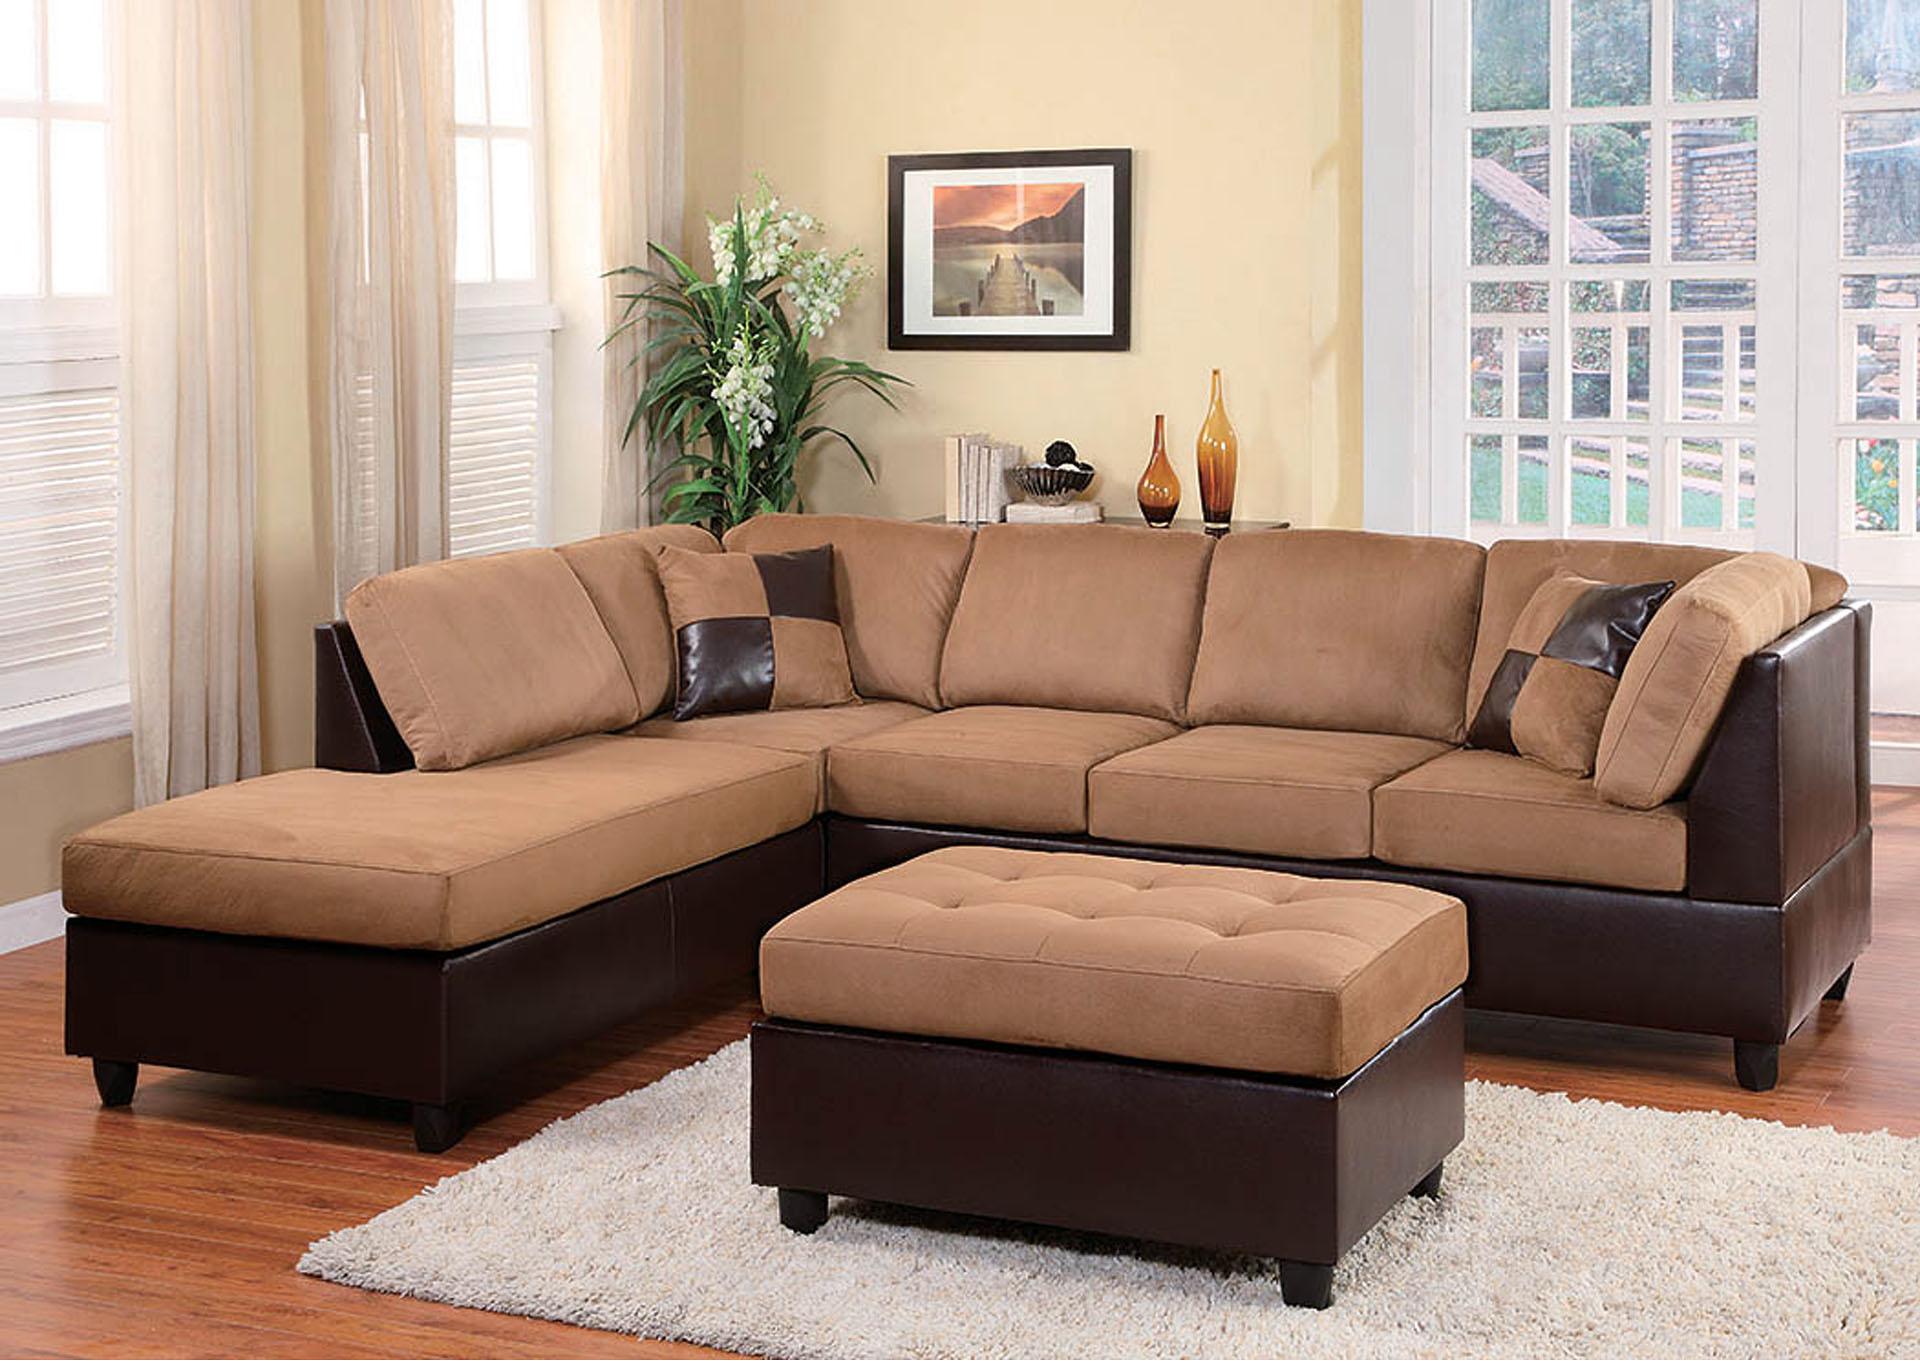 Comfort Living Brown/Dark Brown Left Facing Sofa Sectional